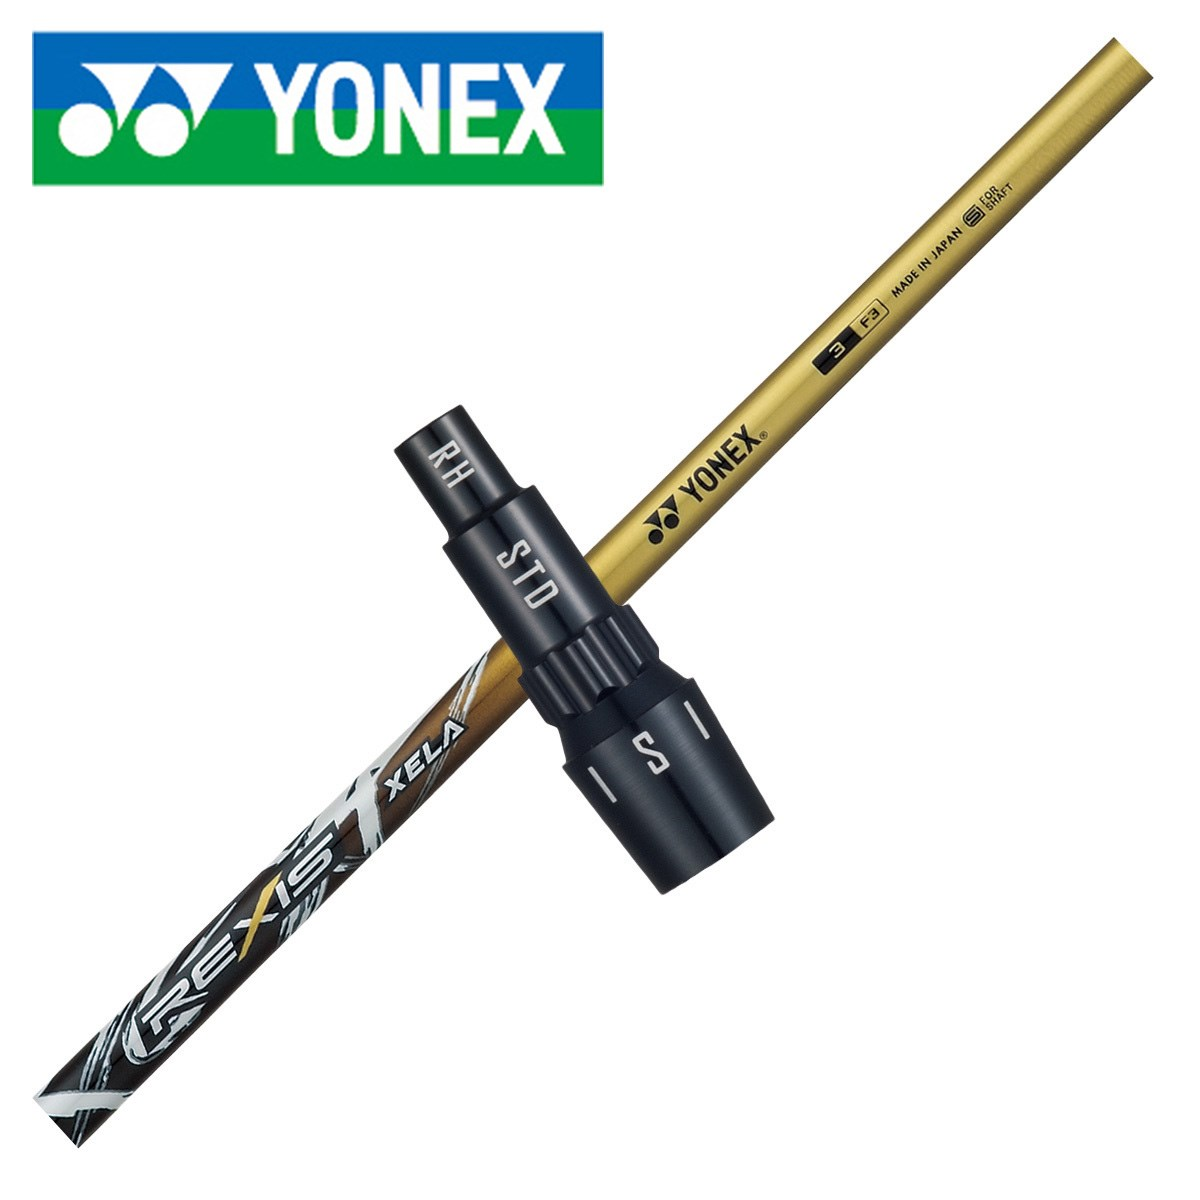 ヨネックス(YONEX) 【EZONE Tri-G ドライバー専用シャフト】レクシス キセラ(ゴールドカラー)